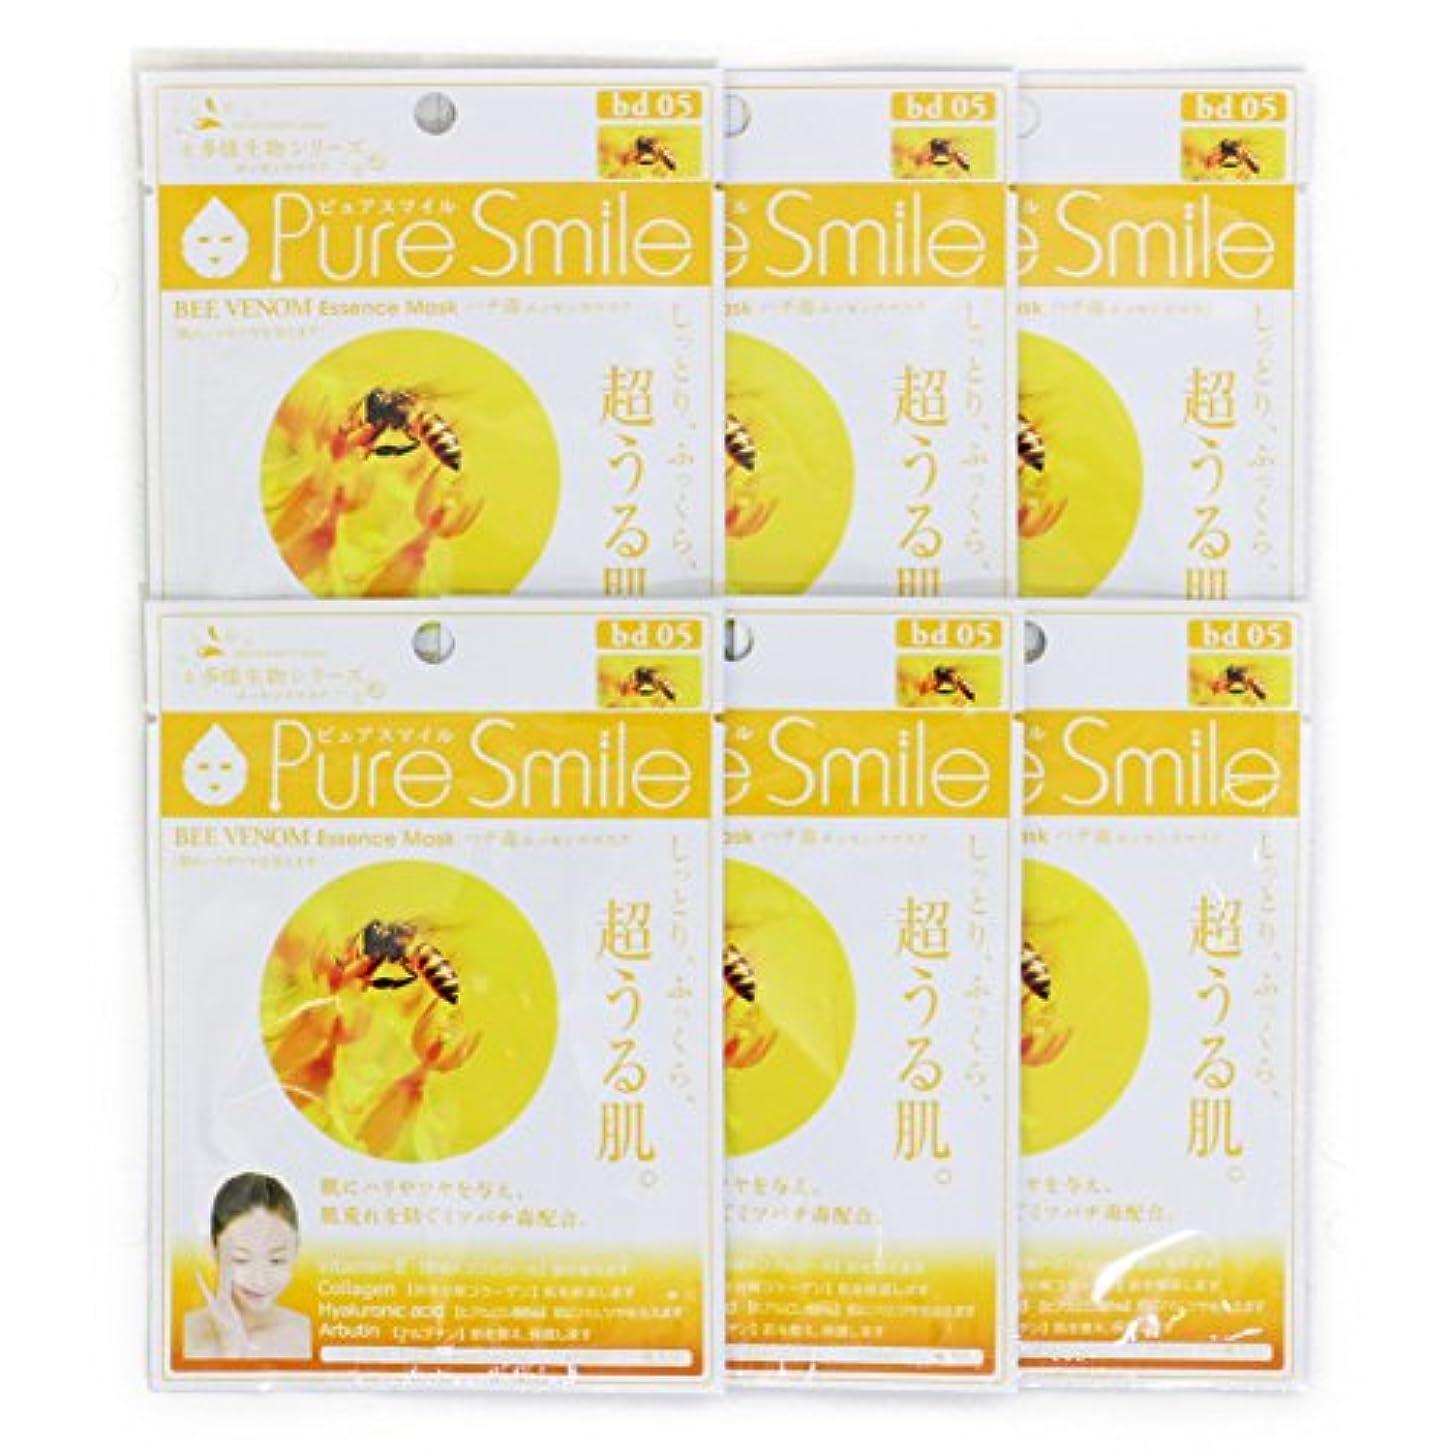 ガソリン寝具突き刺すPure Smile ピュアスマイル 多様生物エッセンスマスク ハチ毒 6枚セット